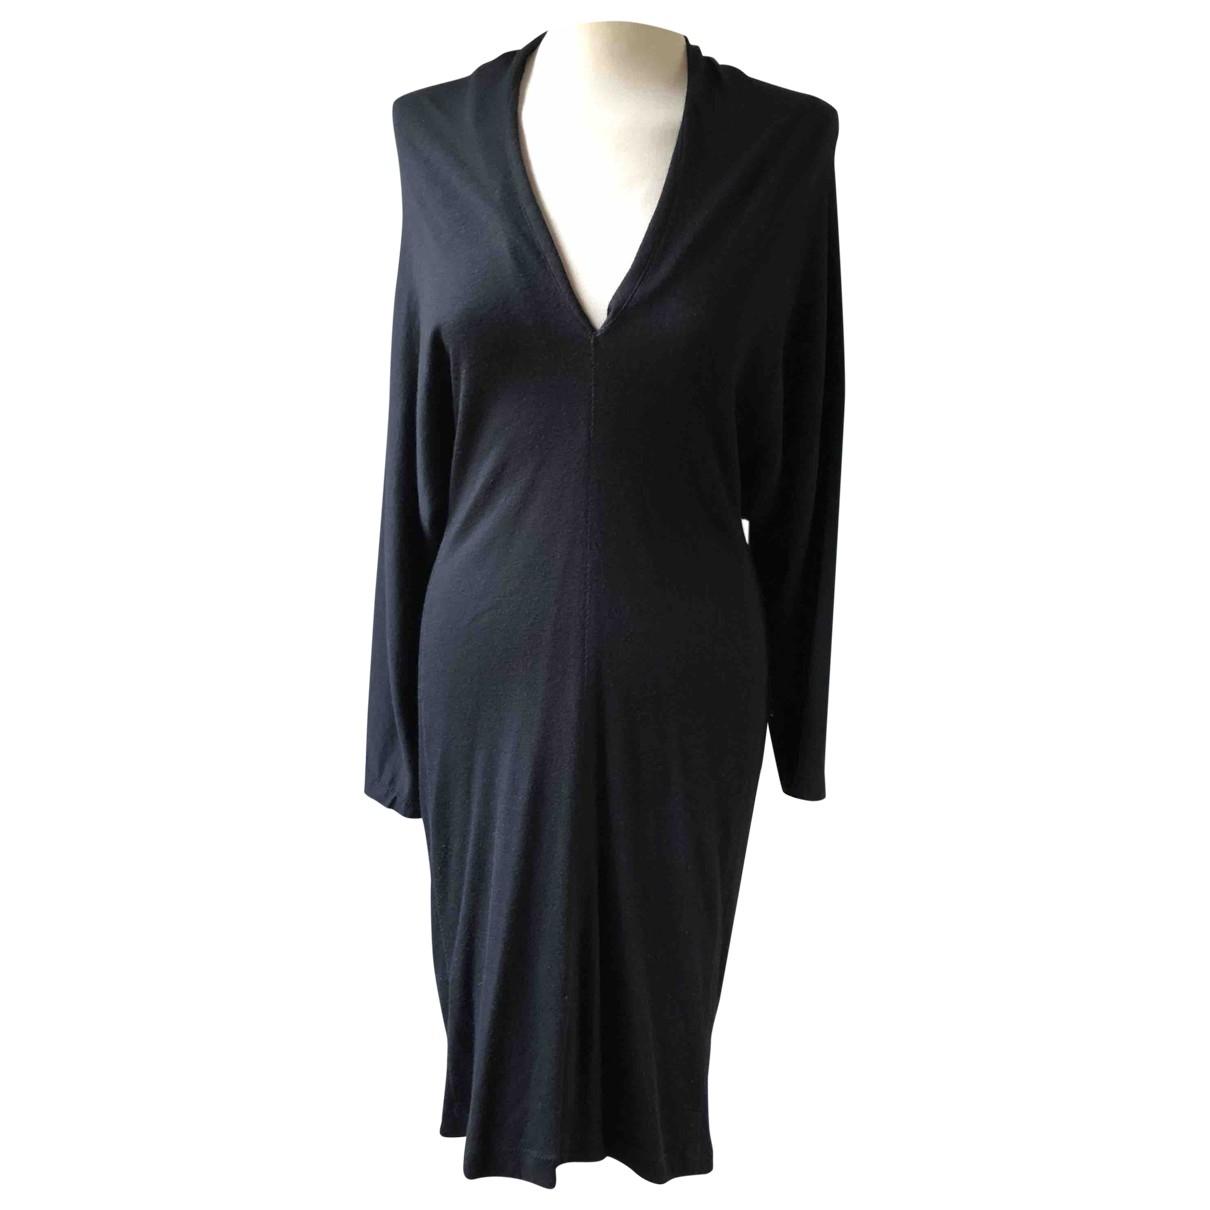 Lanvin \N Black Linen dress for Women 42 FR